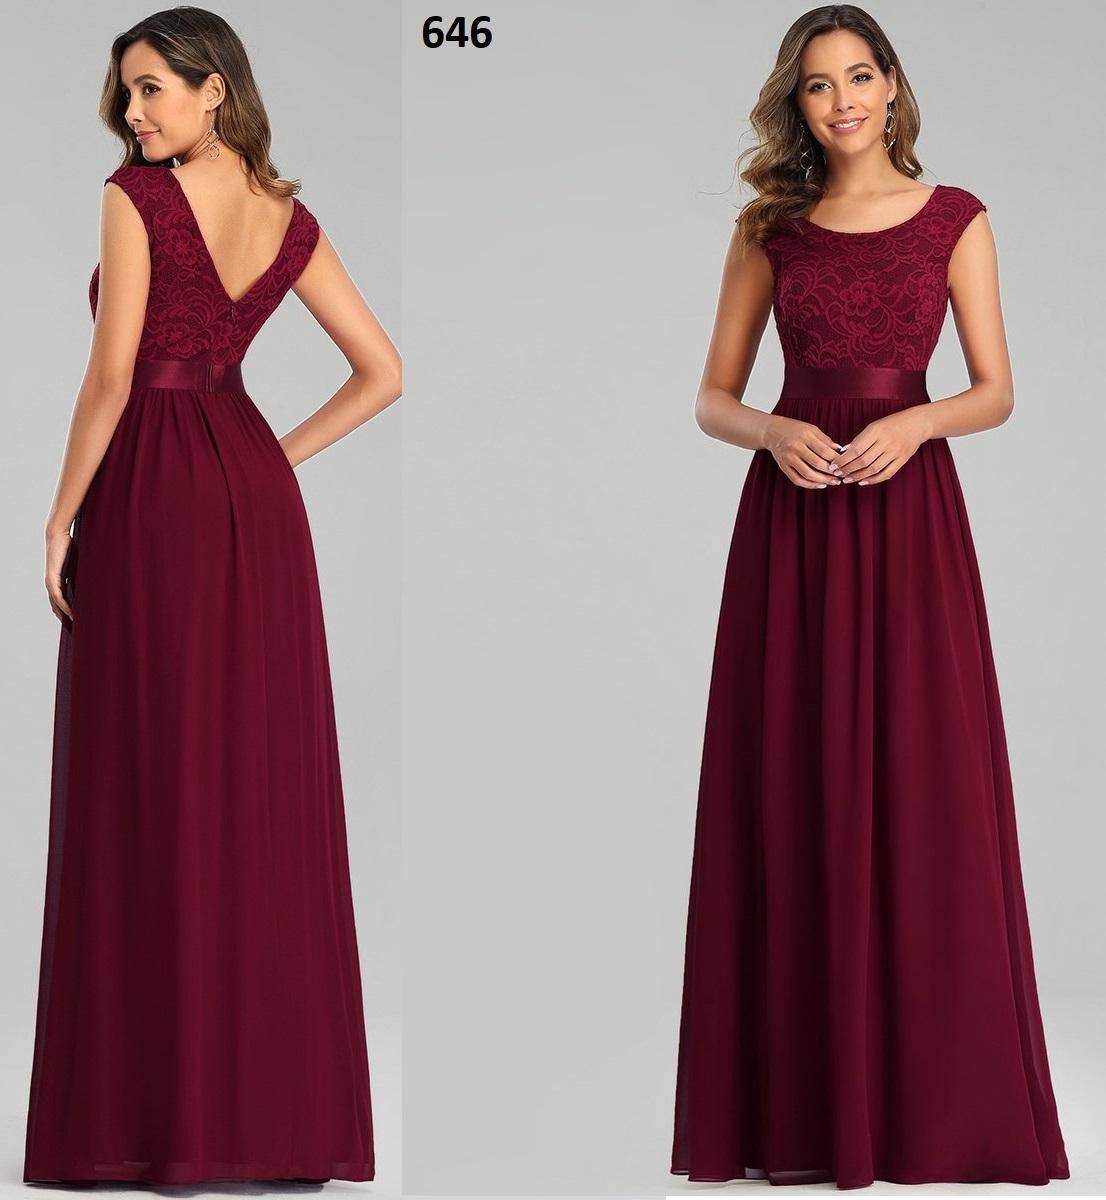 Vestidos de dama 646 de honor Fahion  siempre bonitos con encaje